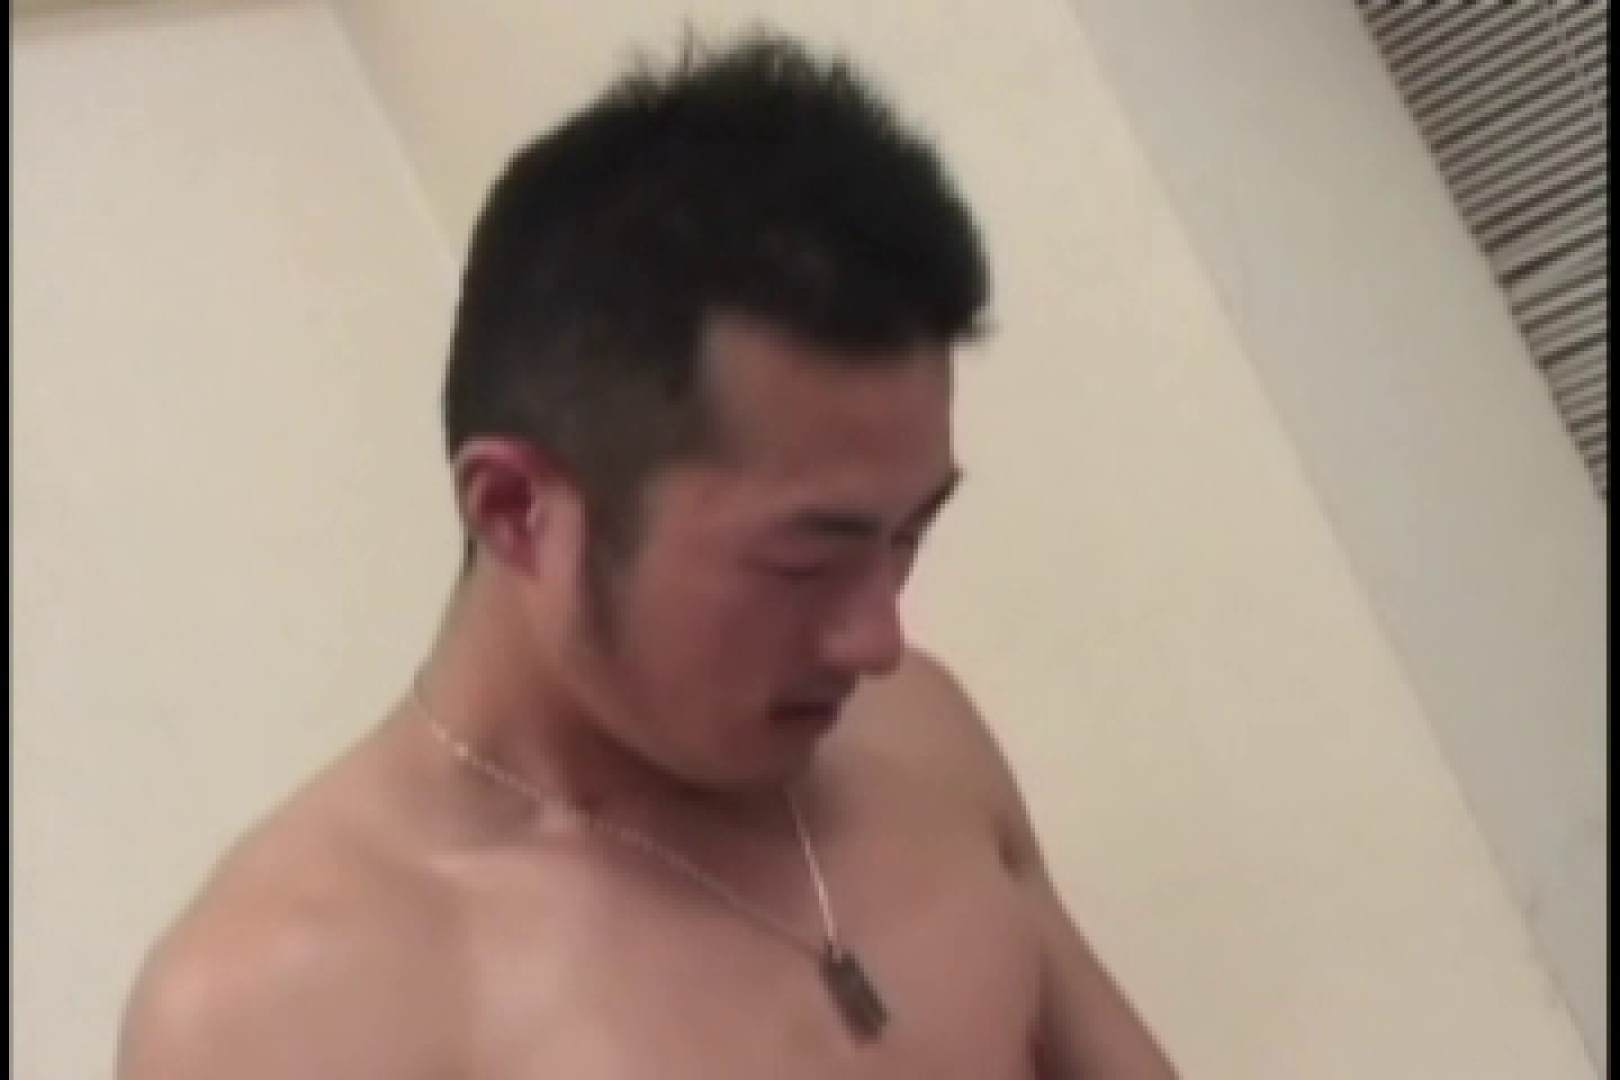 スポメン鍛え上げられた肉体と反り返るモッコリ!!04 生挿入 ペニス画像 60連発 11